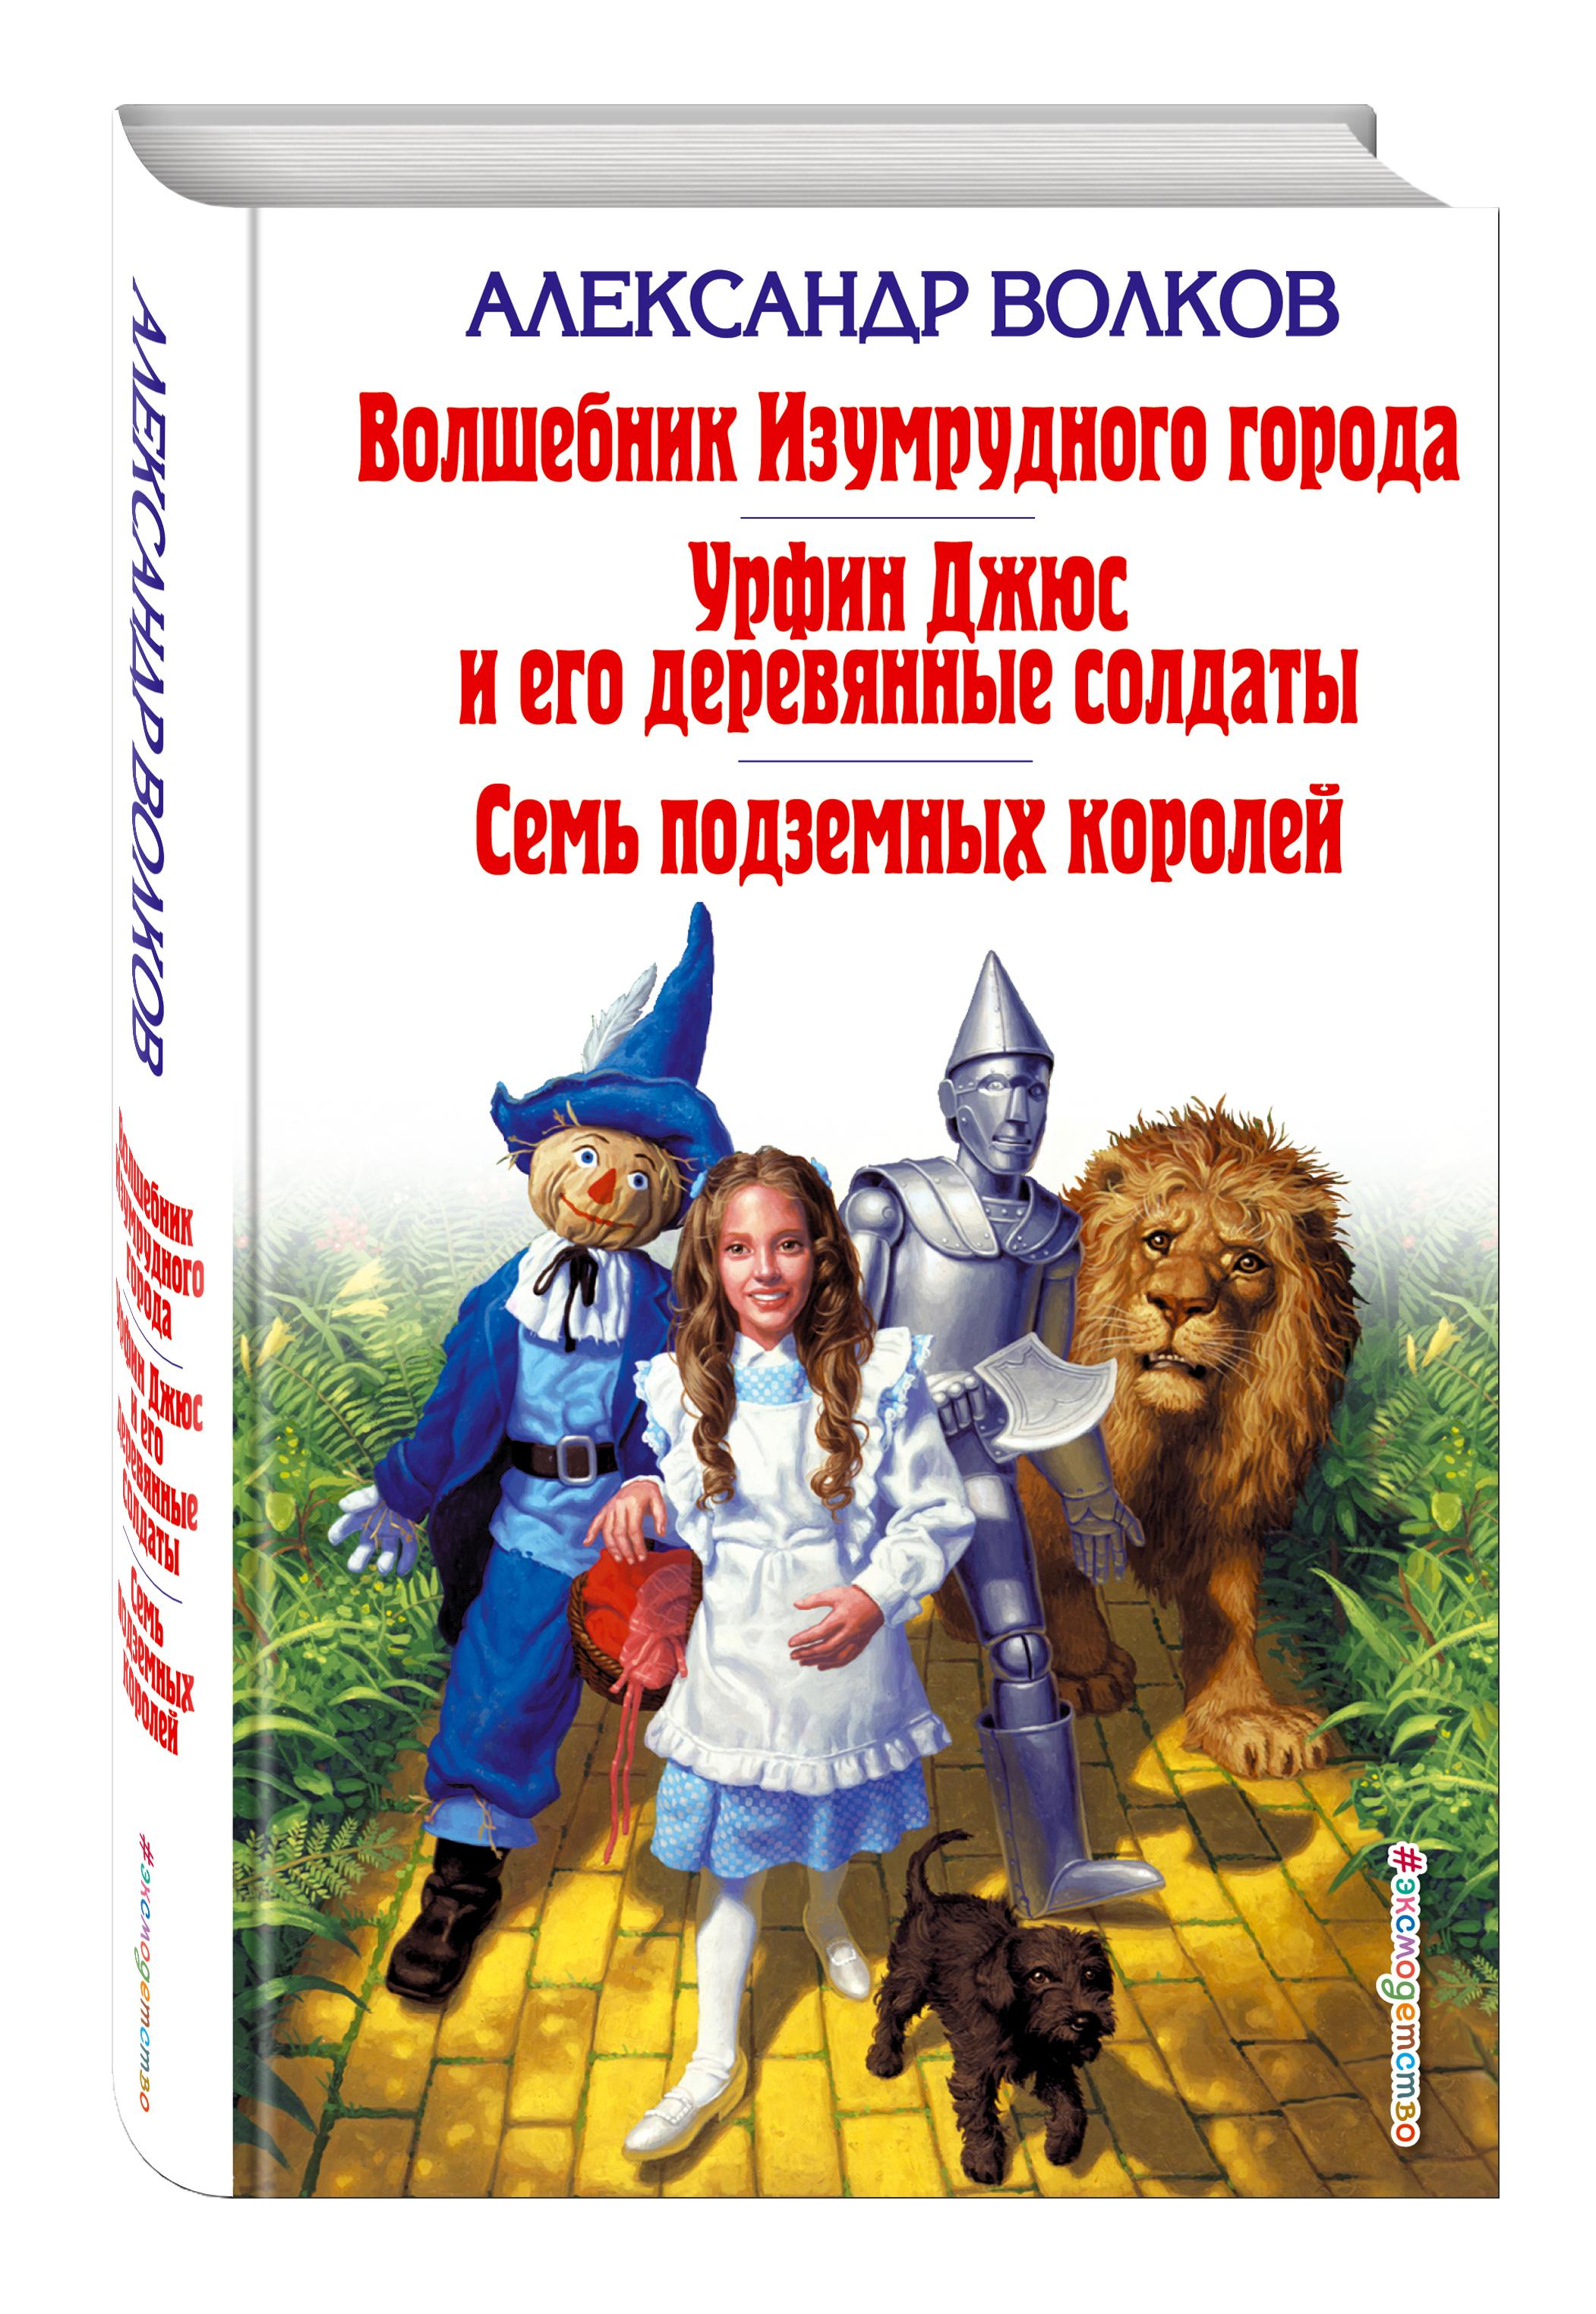 Волшебник Изумрудного города. Урфин Джюс и его деревянные солдаты. Семь подземных королей (ил. Е. Мельниковой)